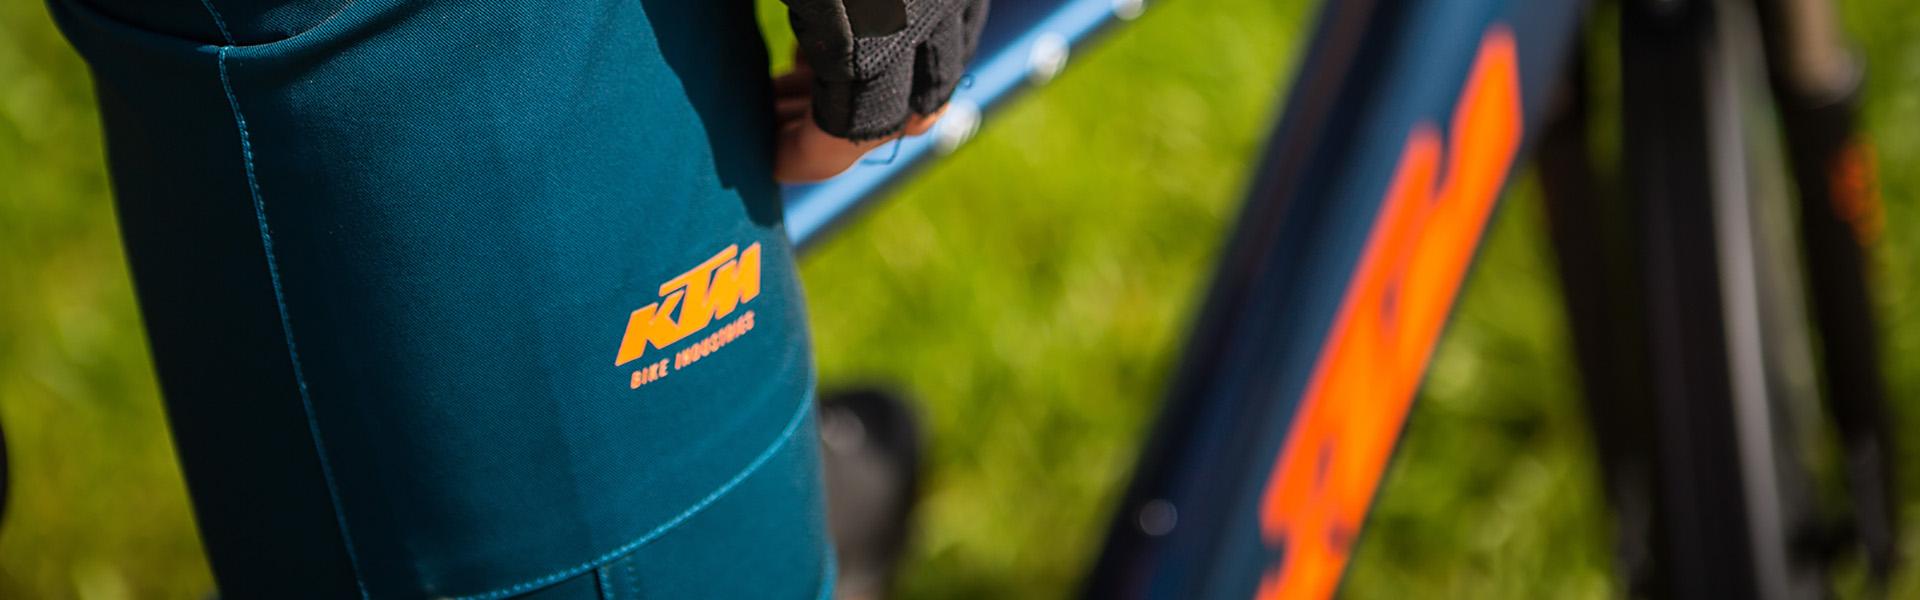 KTM kerékpárok 2021